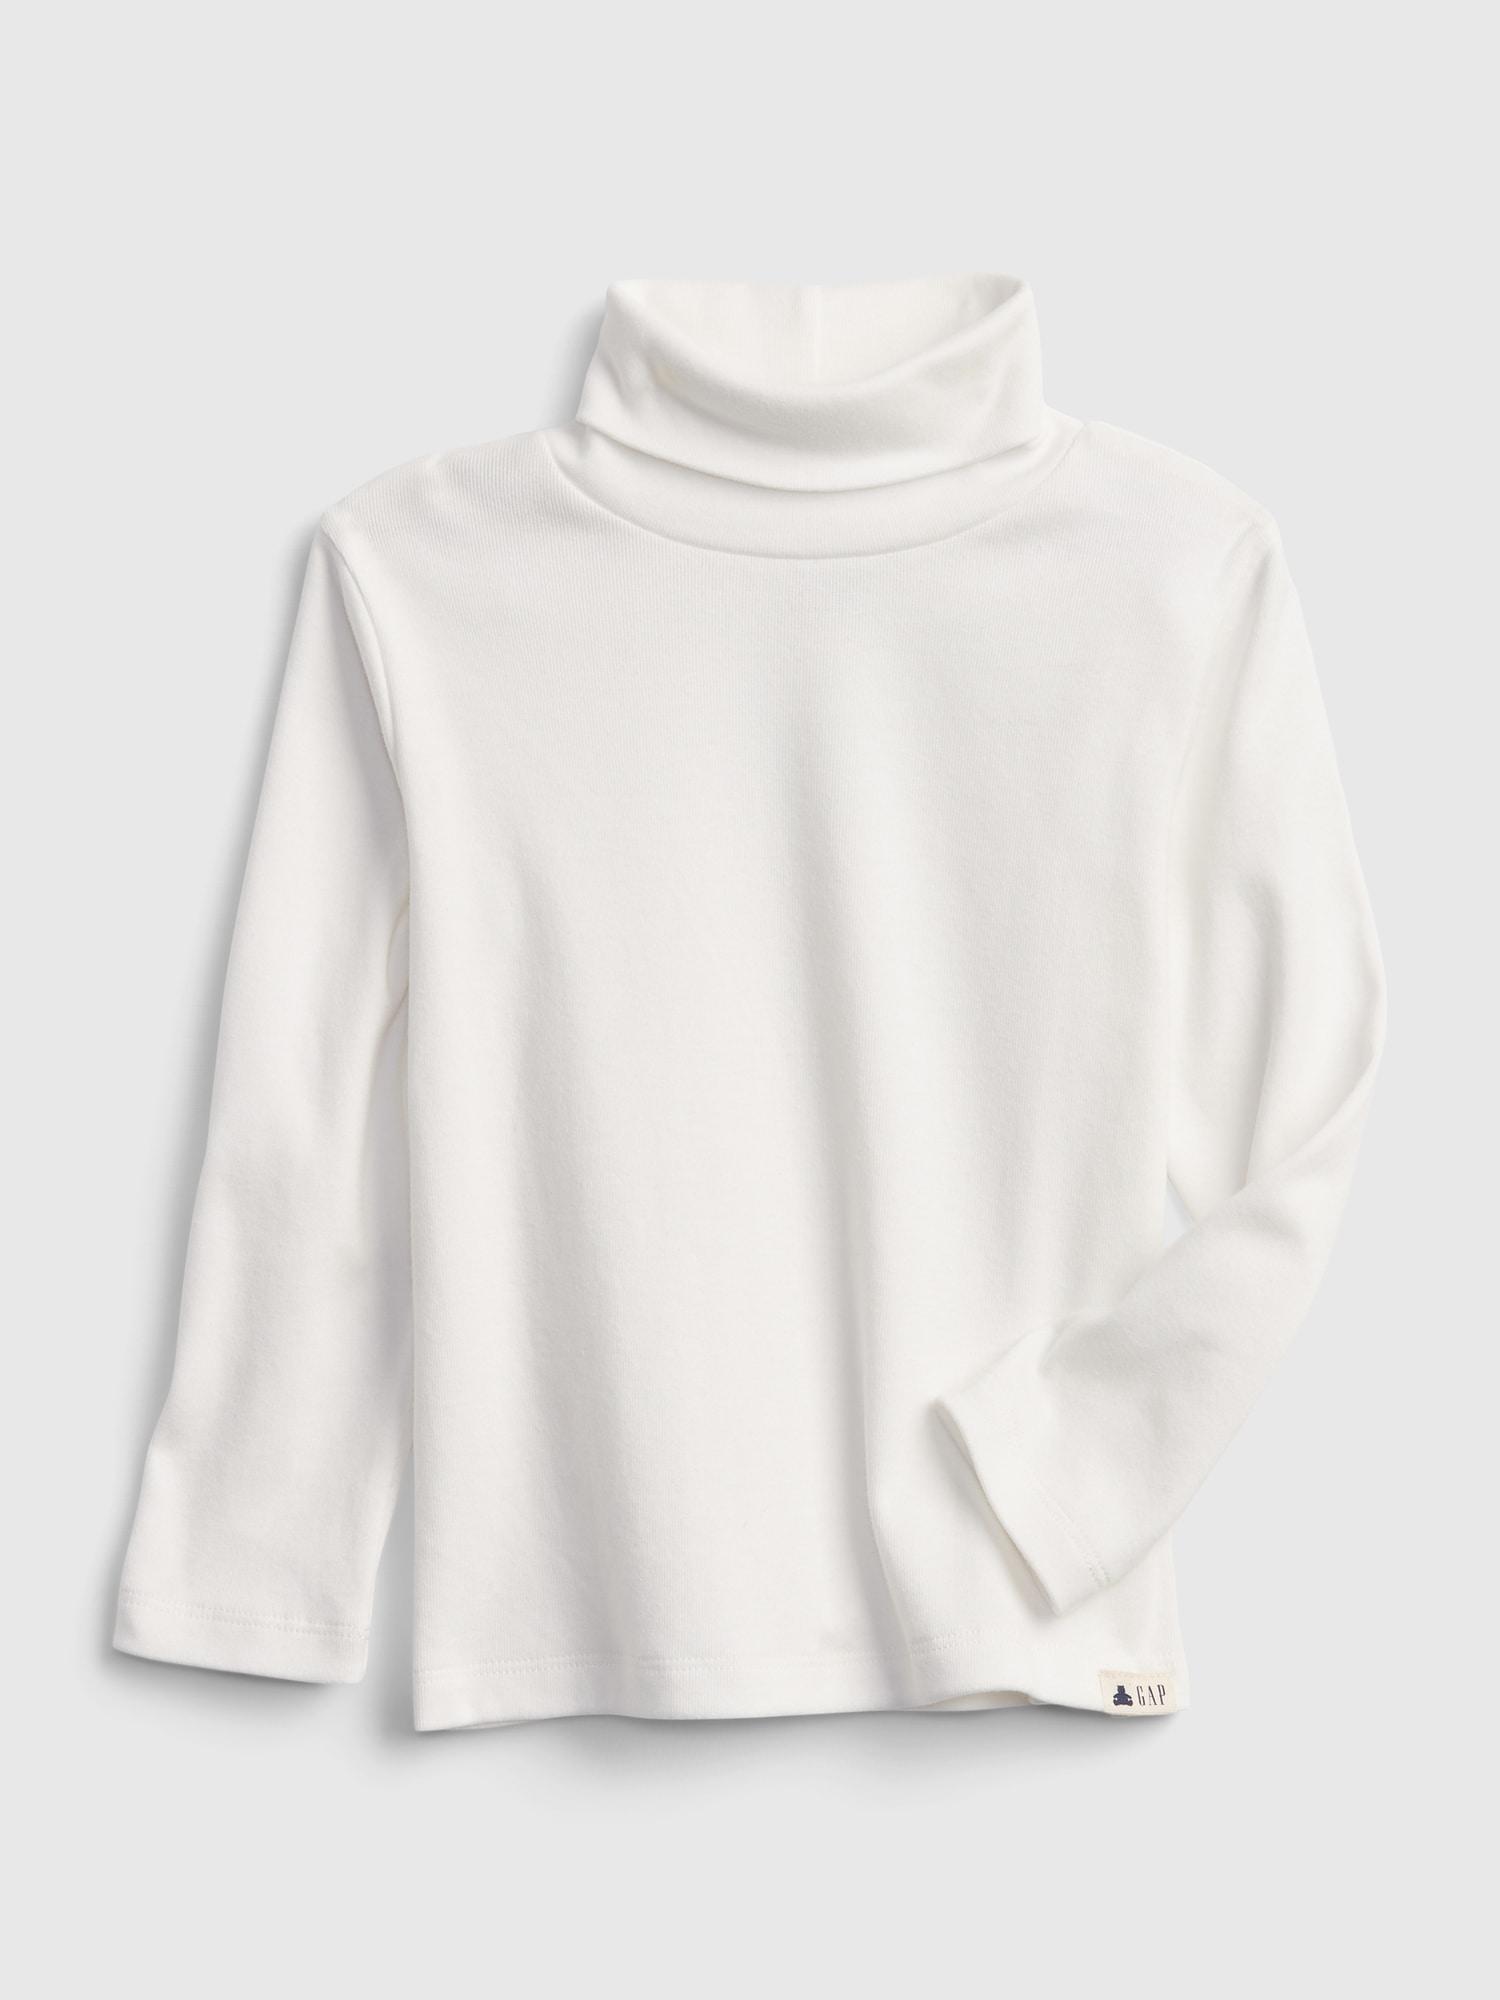 オーガニックコットン100% ブラナン プレイタイムフェイバリット タートルネック Tシャツ (幼児)